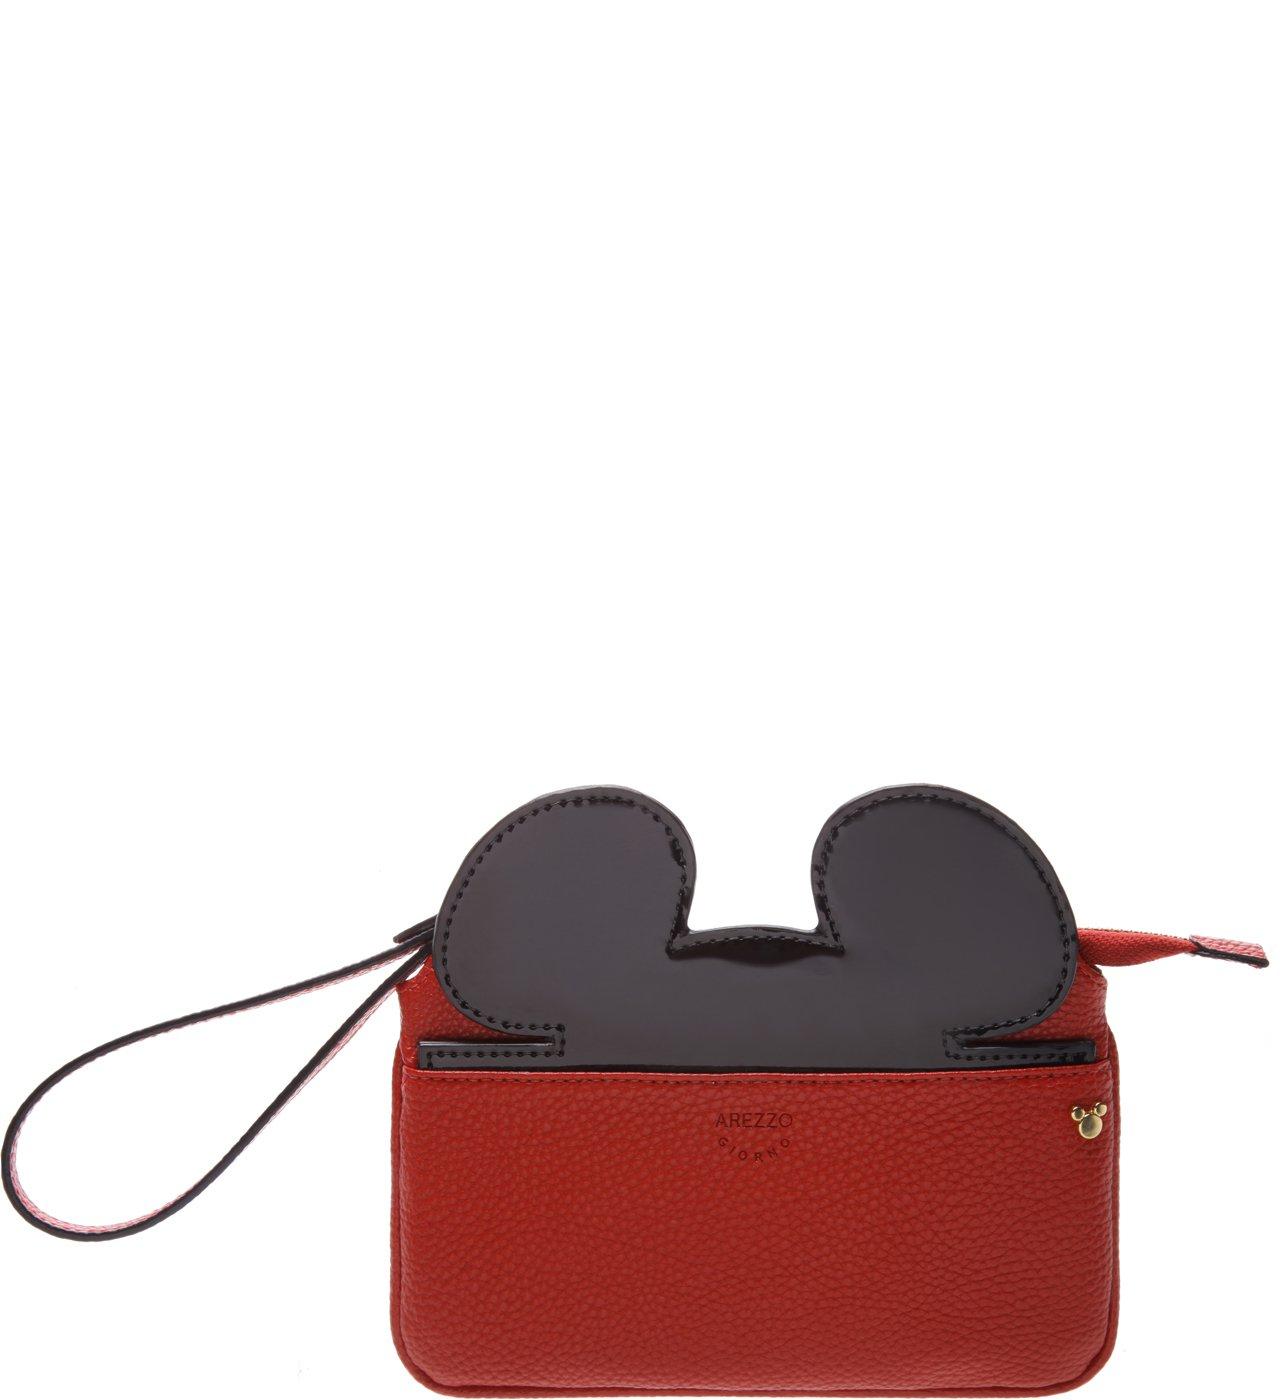 Disney | Necessaire Grande Disney Royal Red e Preta | Arezzo